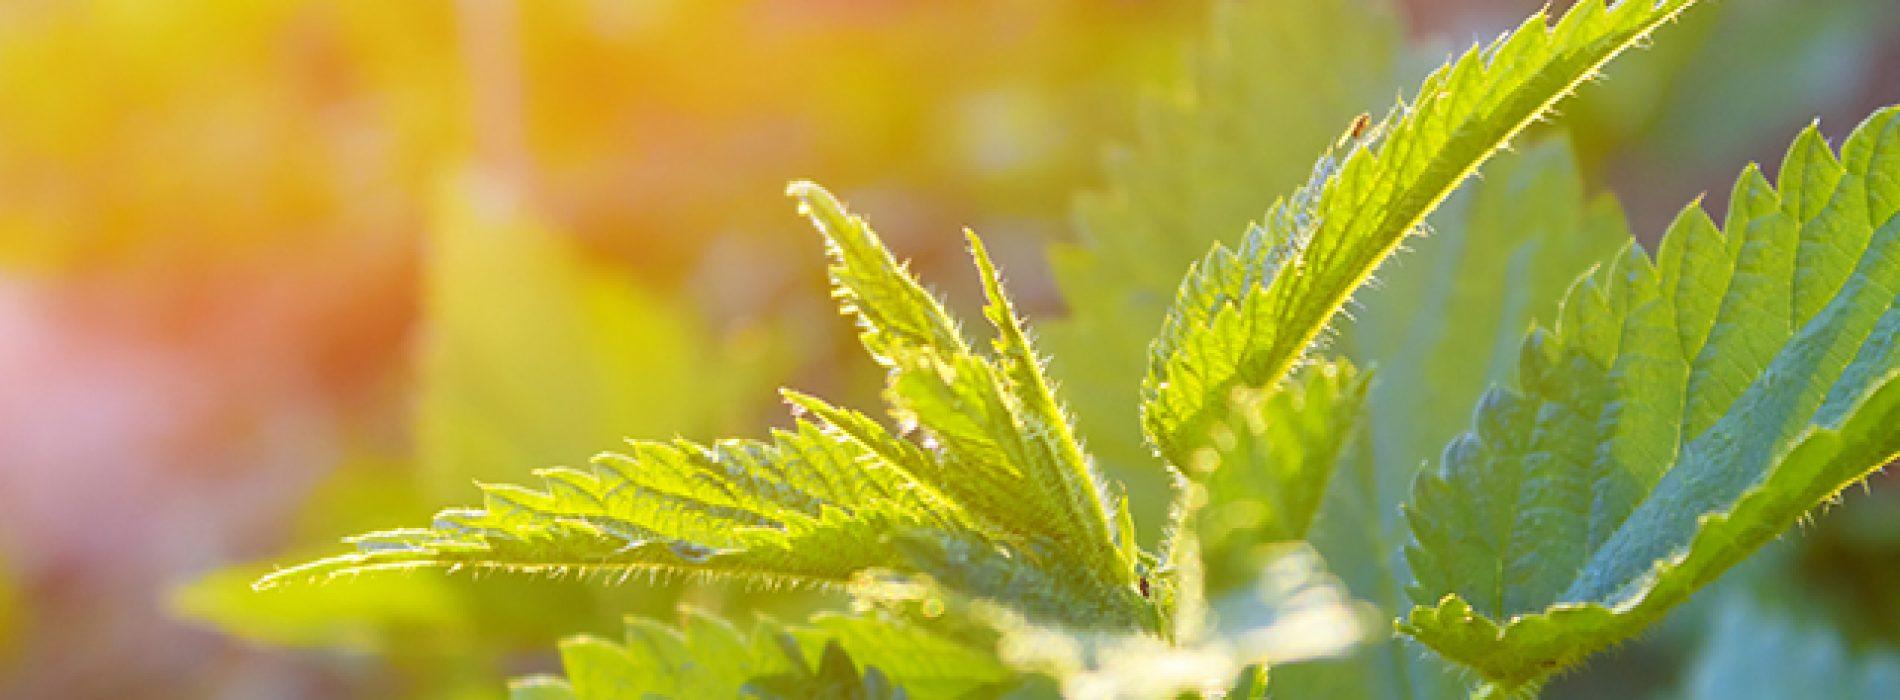 Botanische studie concludeert het antioxidant potentieel van kleine brandnetel